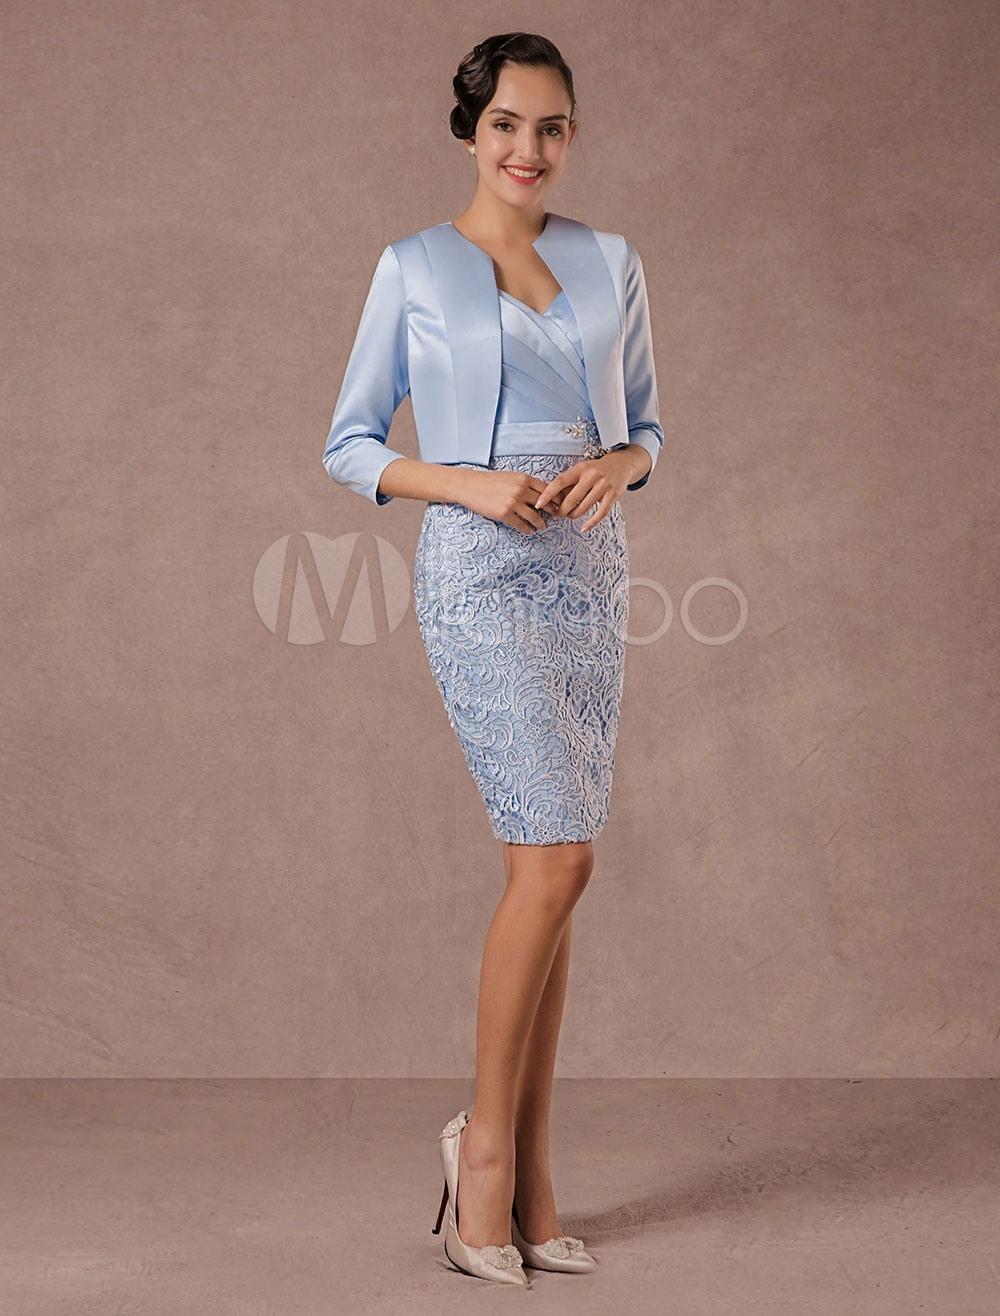 10 Ausgezeichnet Elegante Kleider Hochzeit für 201917 Cool Elegante Kleider Hochzeit Stylish